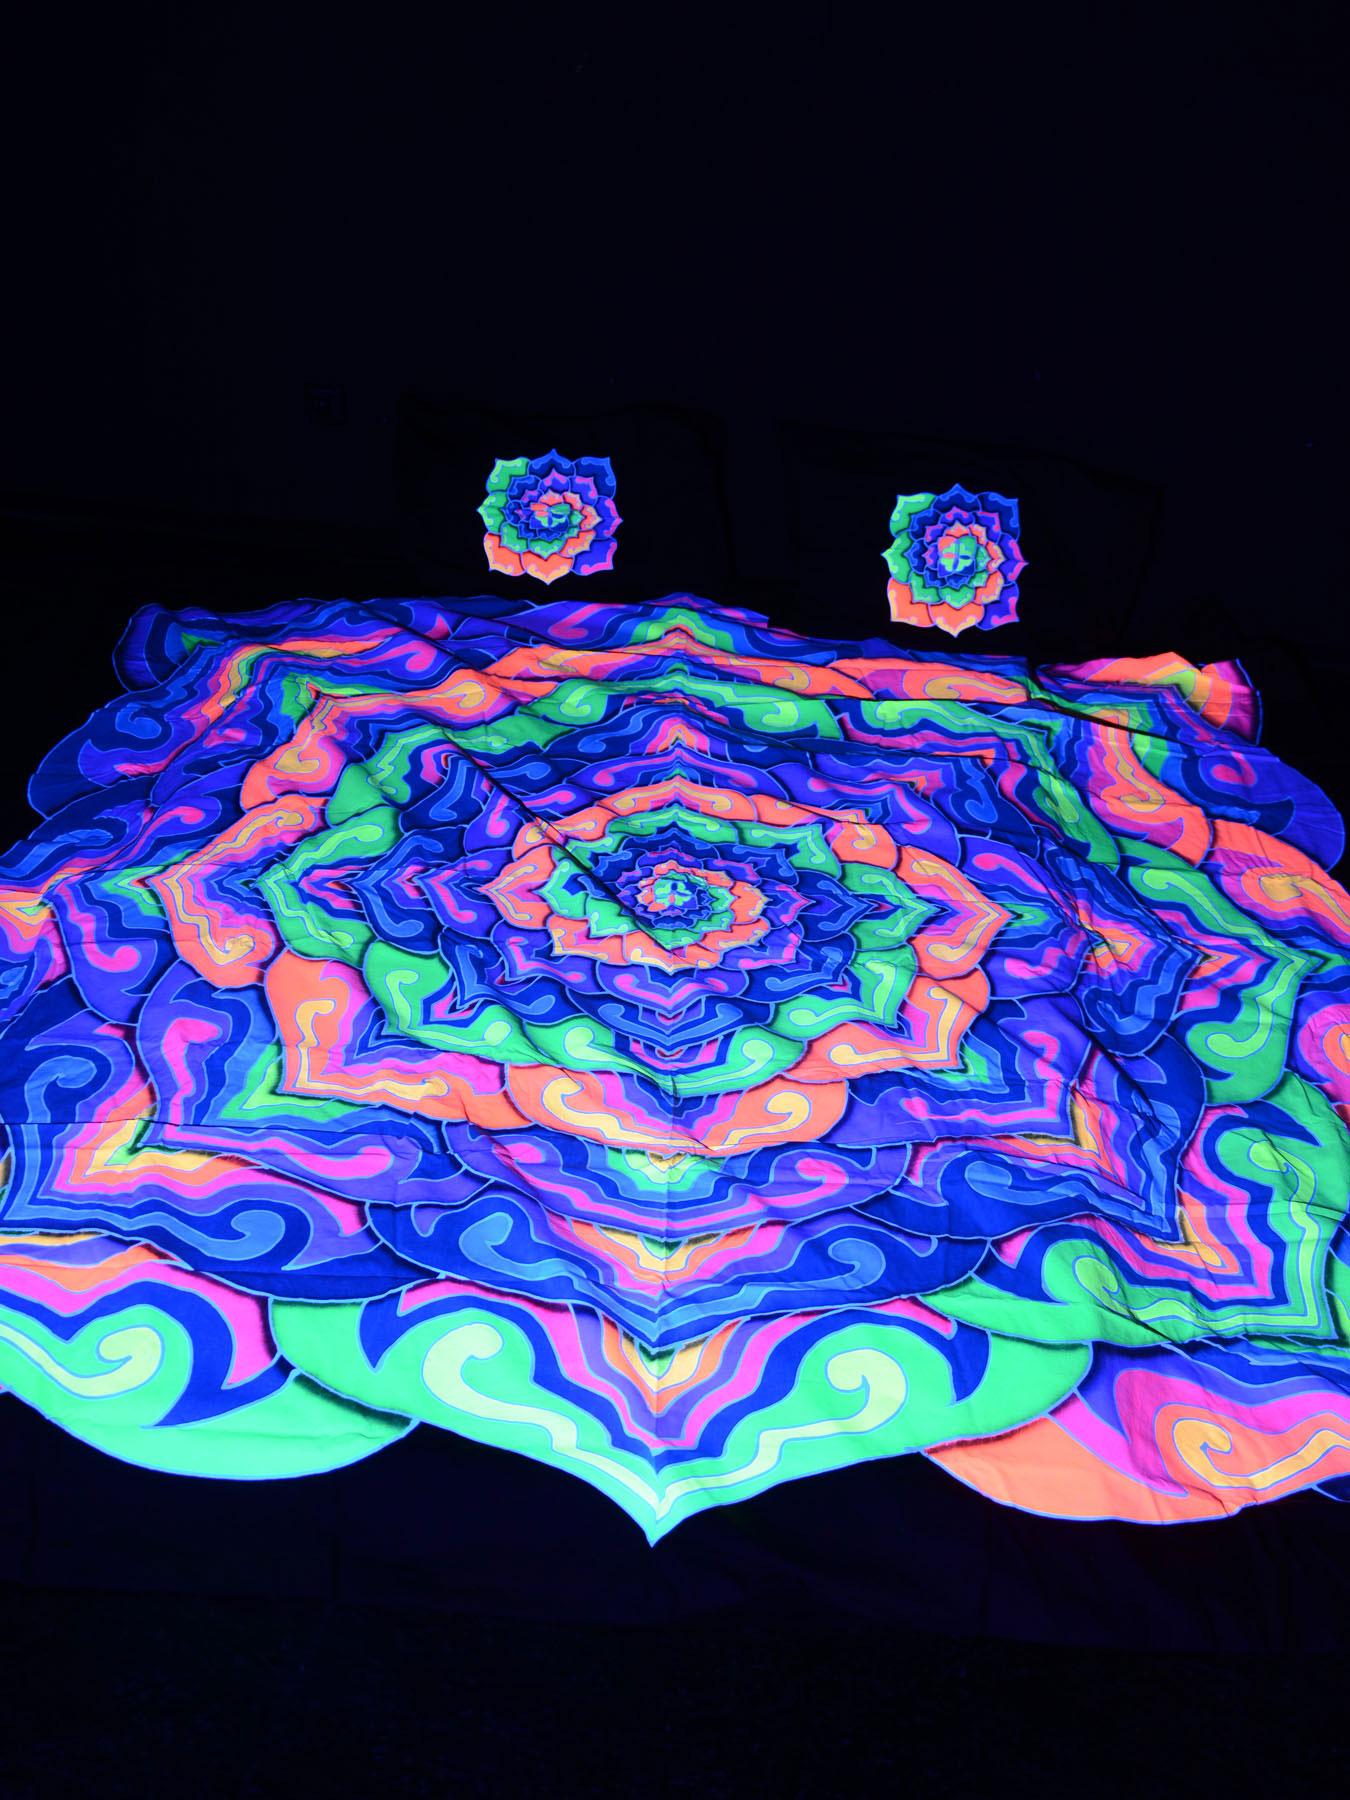 Schwarzlicht Bettwäsche King Size Neon Spiral Lotus